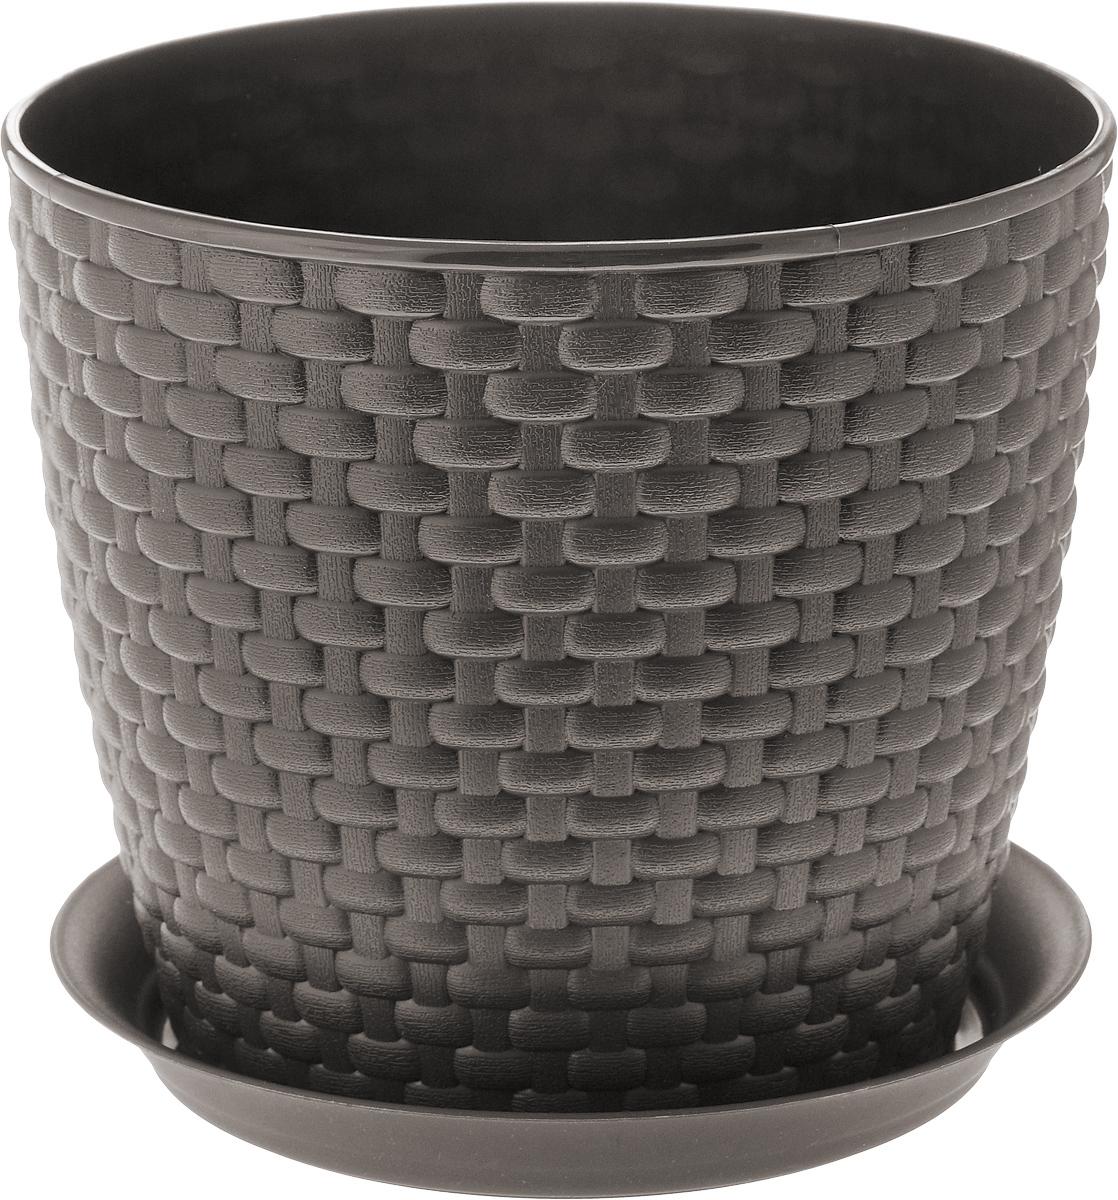 Кашпо Idea Ротанг, с поддоном, цвет: коричневый, 3 лМ 3082_коричневыйКашпо Idea Ротанг изготовлено из высококачественного пластика. Специальный поддон предназначен для стока воды. Изделие прекрасно подходит для выращивания растений и цветов в домашних условиях. Лаконичный дизайн впишется в интерьер любого помещения. Диаметр поддона: 18 см. Объем кашпо: 3 л.Диаметр кашпо по верхнему краю: 18 см.Высота кашпо: 16 см.